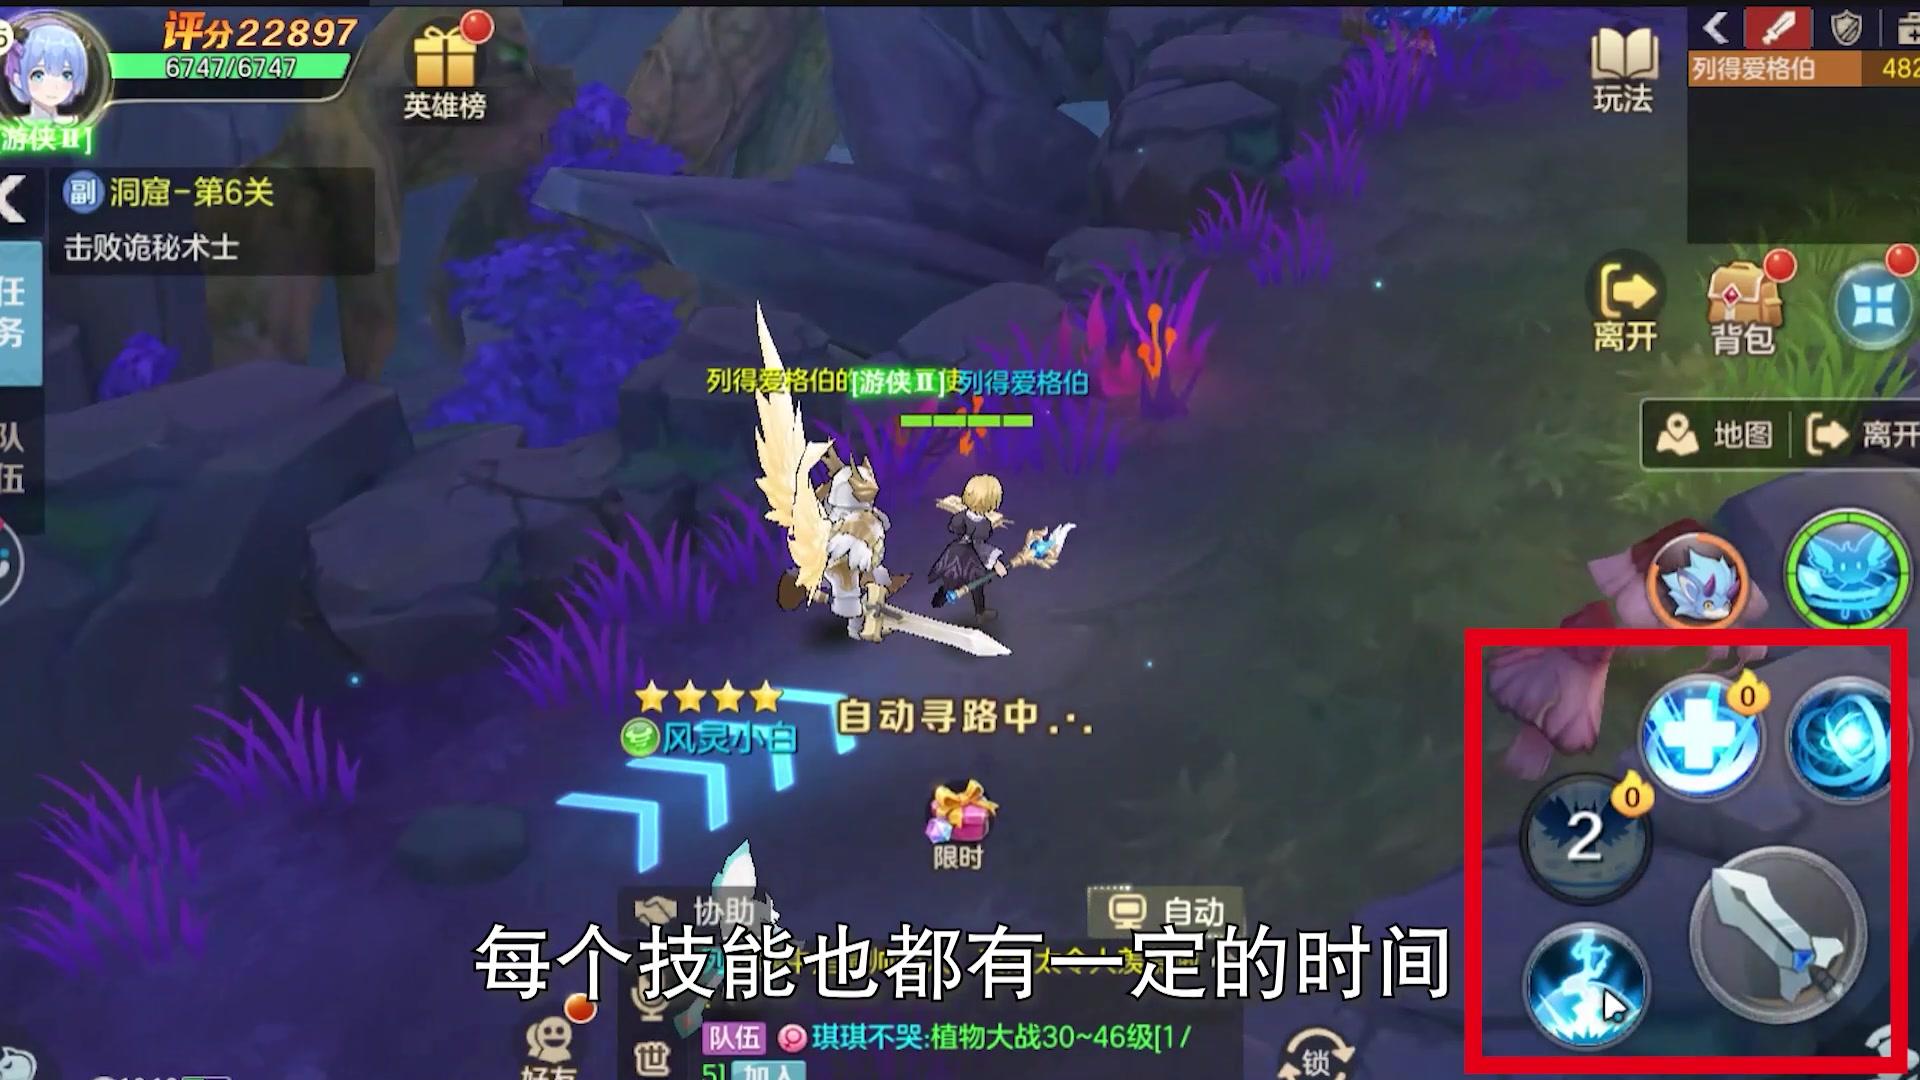 【鲜游速观】《云上城之歌》战斗系统介绍